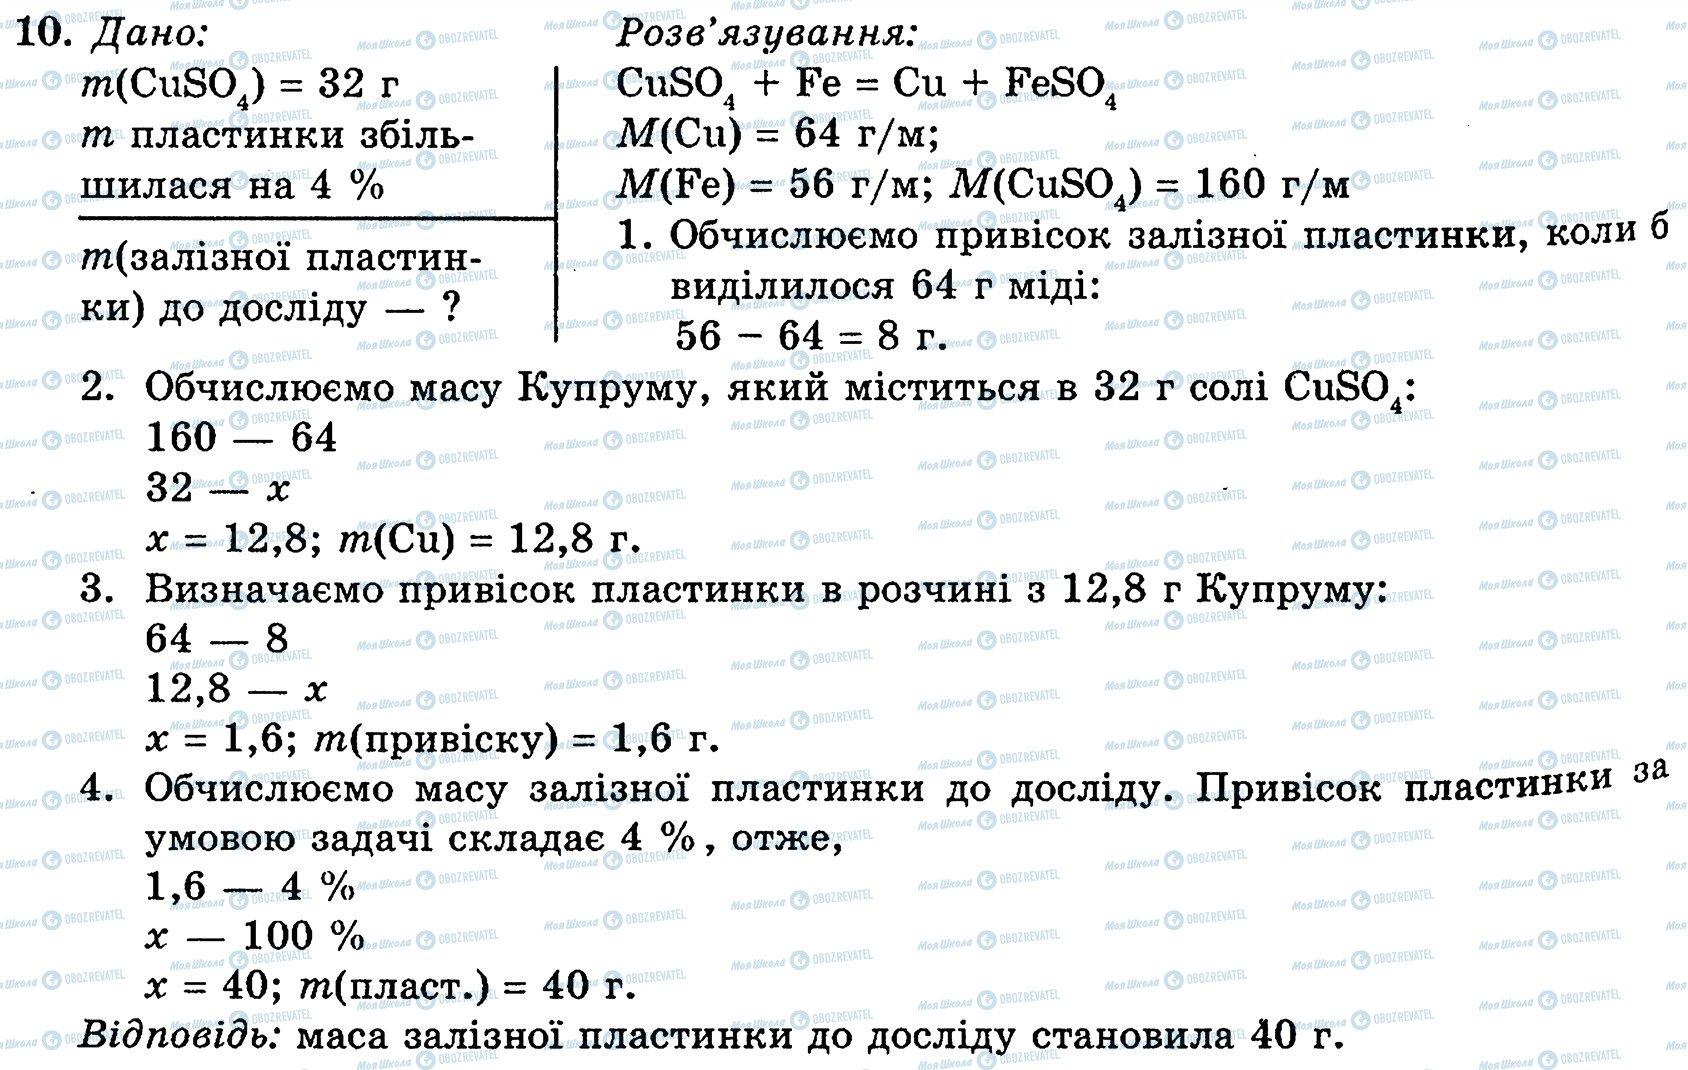 ГДЗ Хімія 10 клас сторінка 10